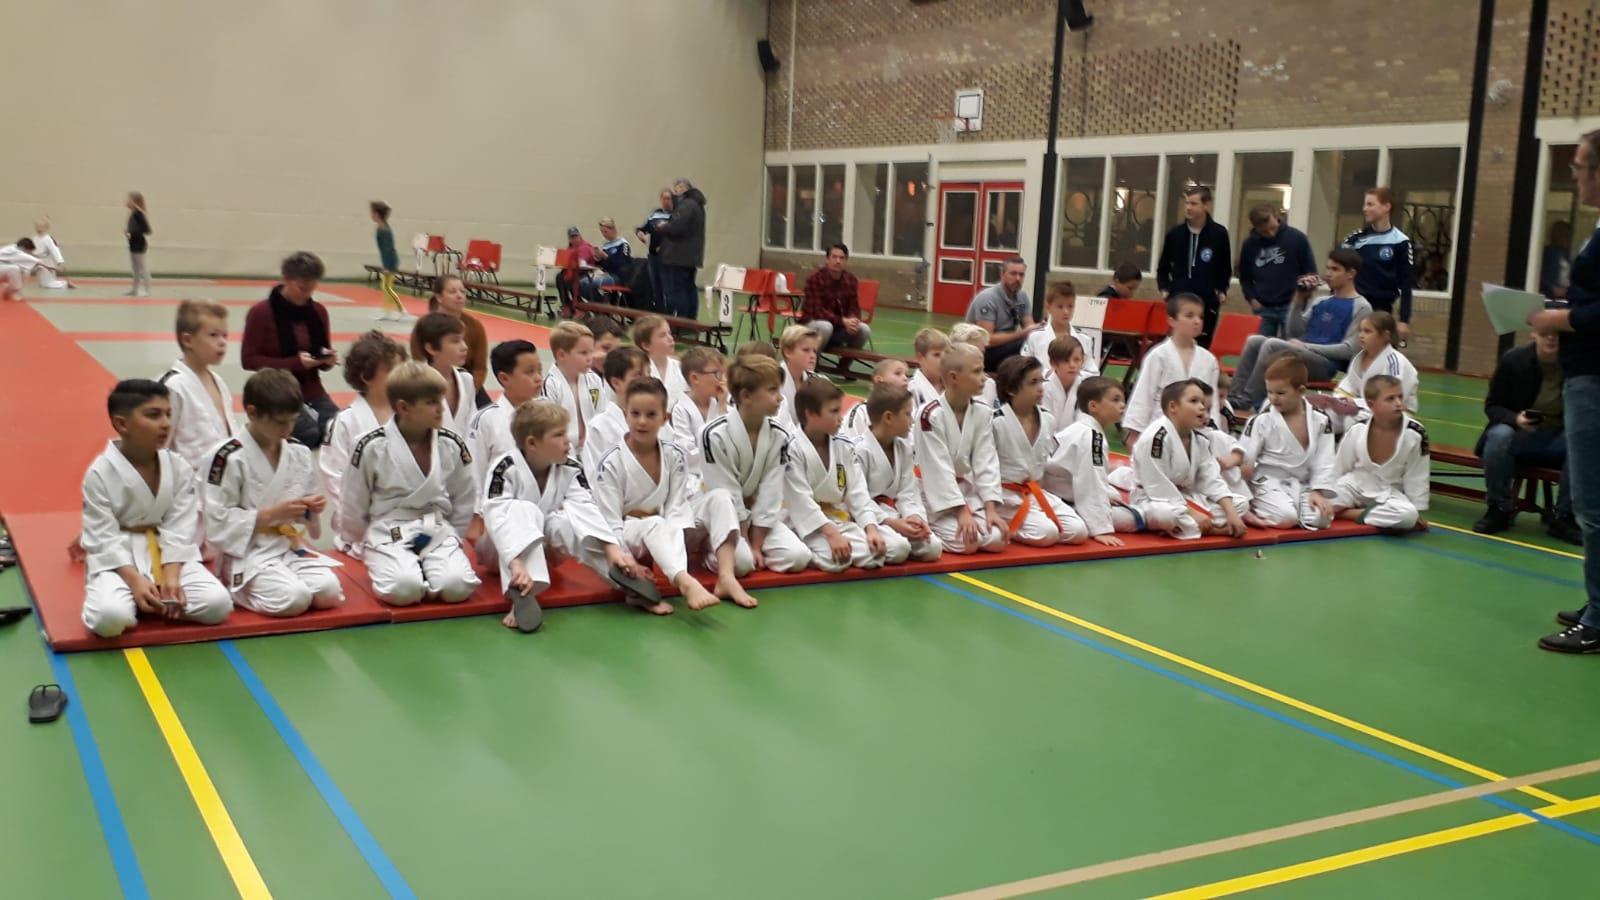 Druk judoweekend